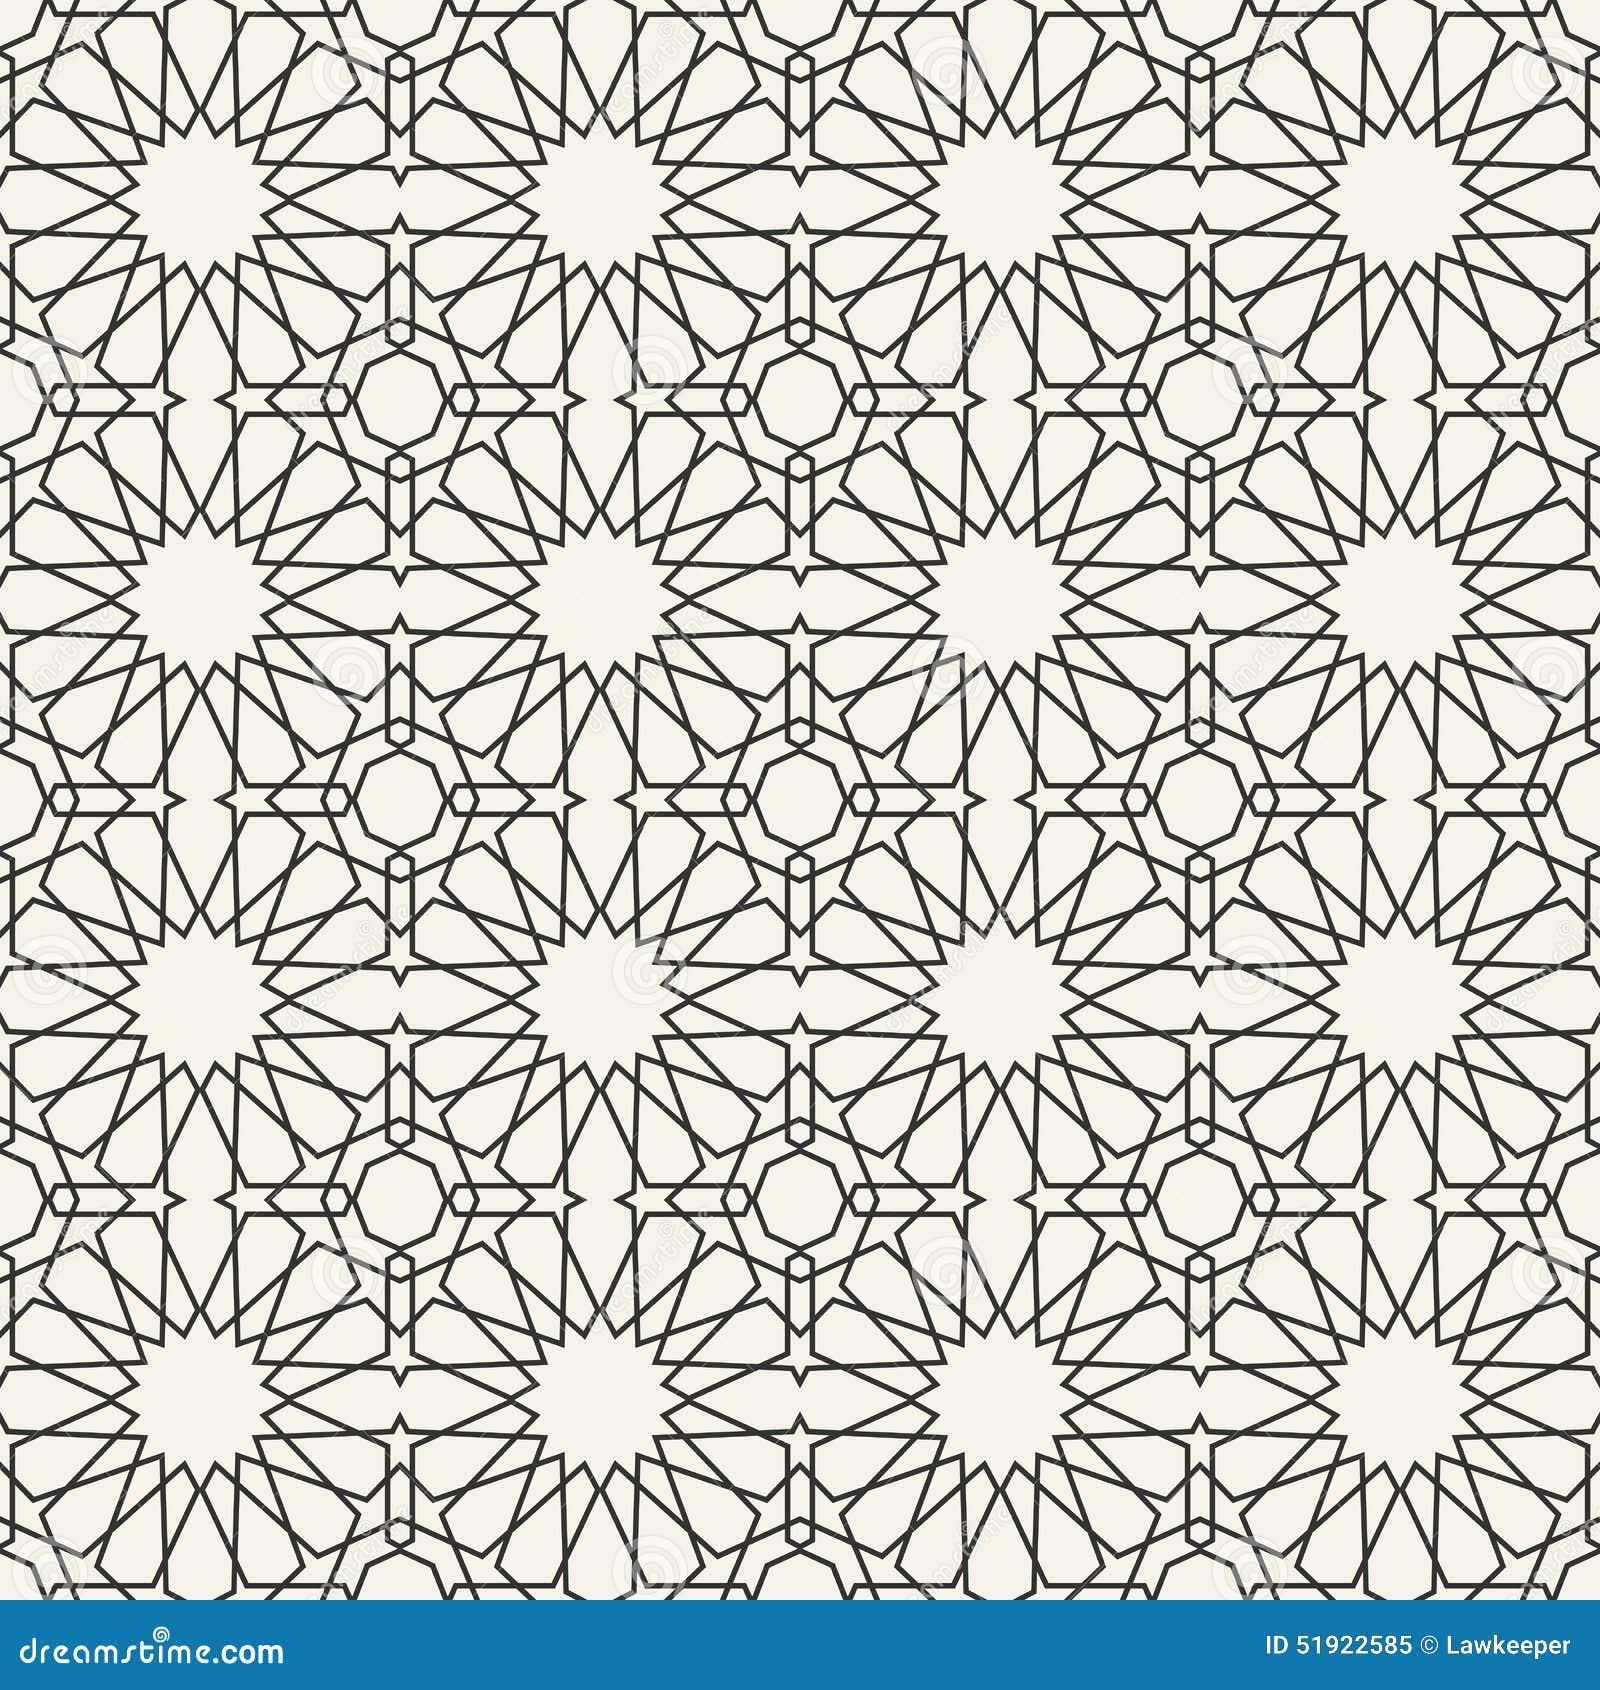 Wiki Books Design Patterns